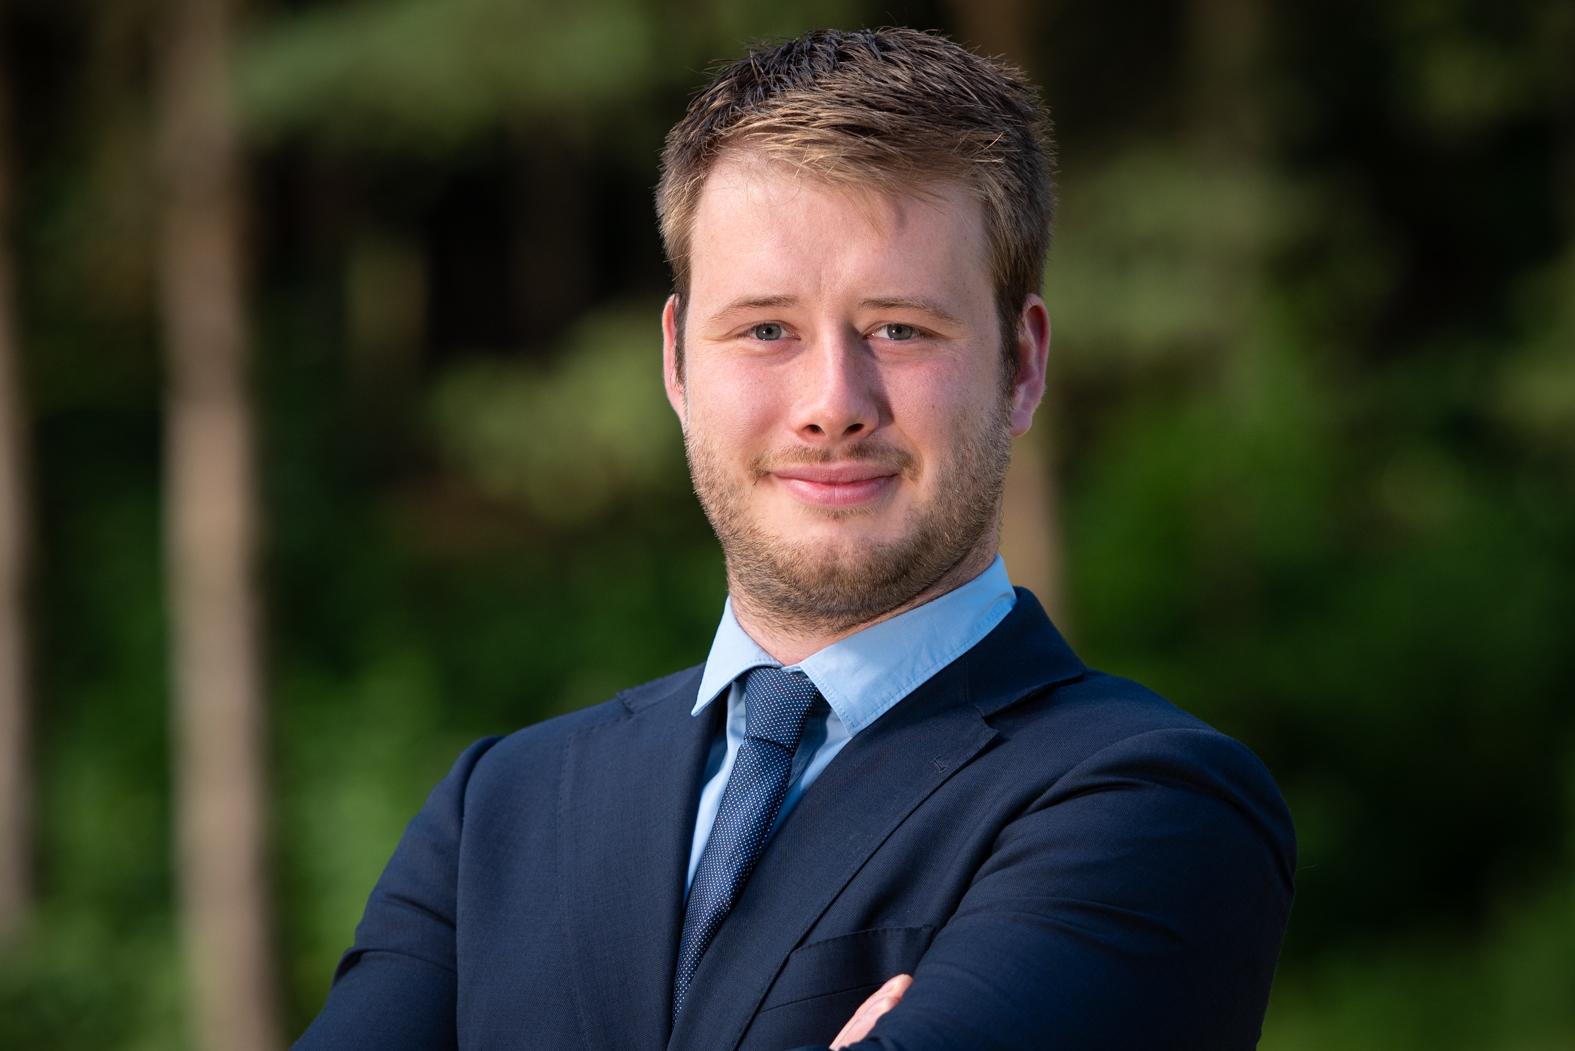 Bas van den Brink